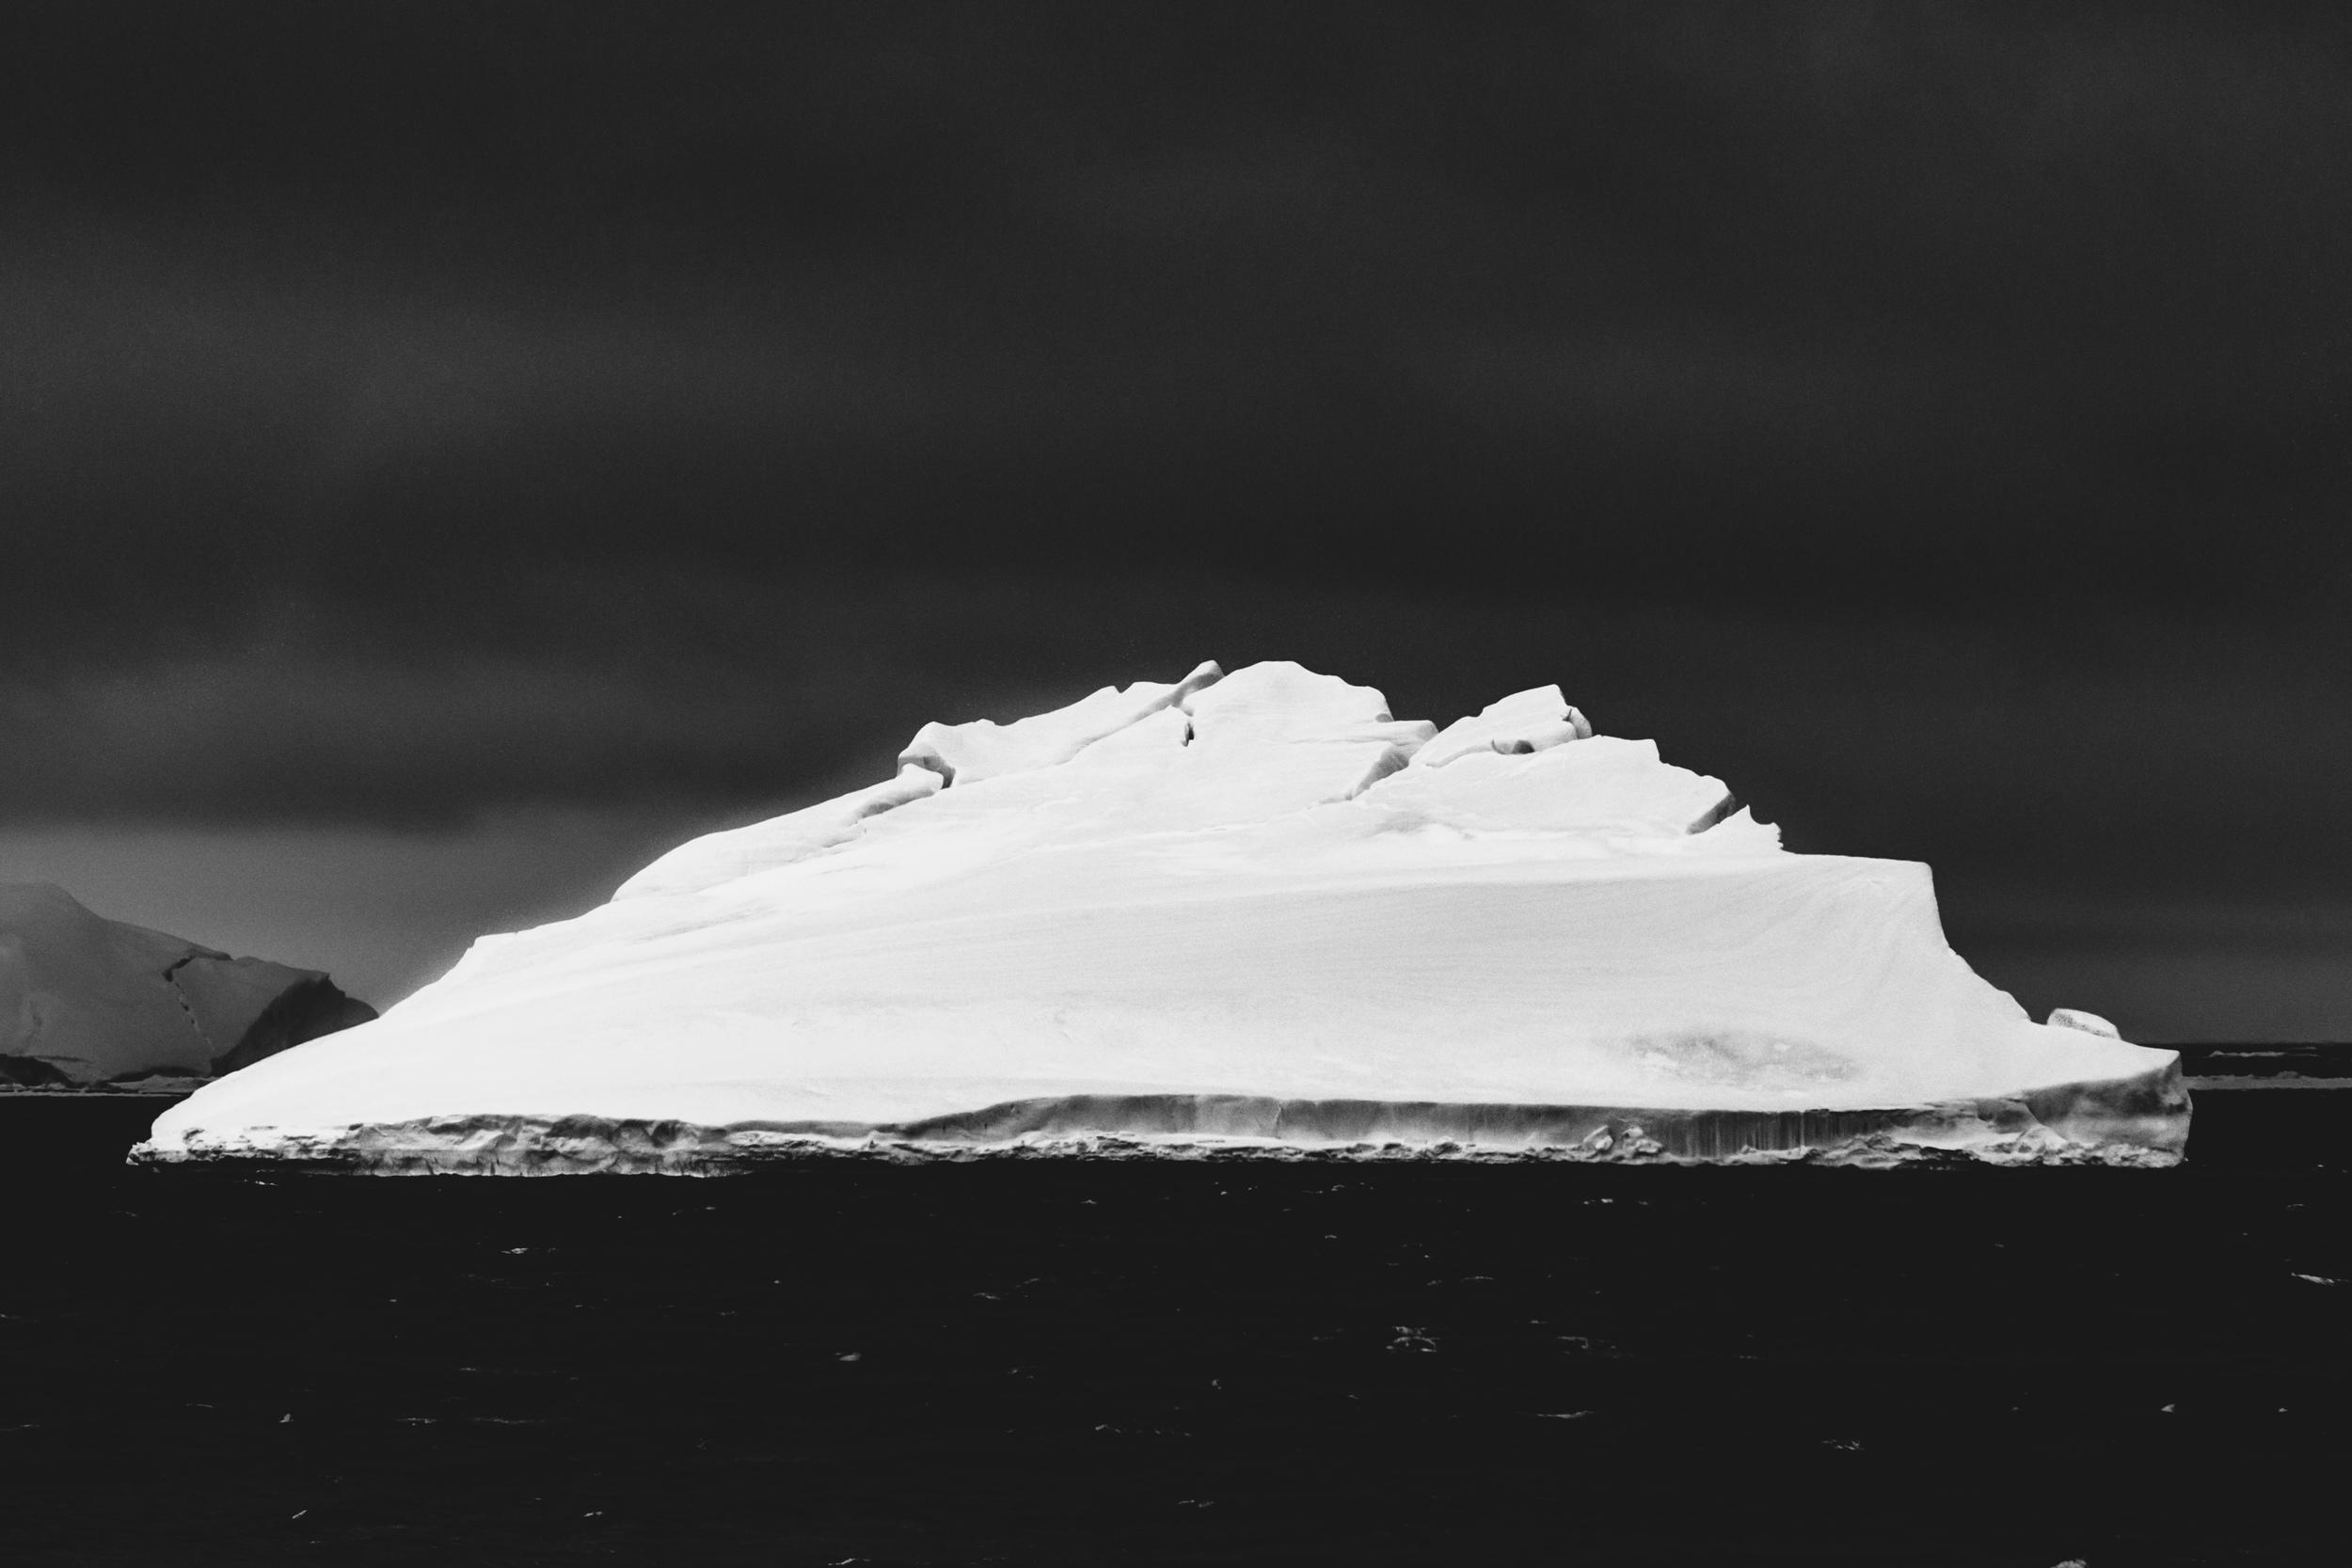 aqm-antartctica-noir-03.jpg